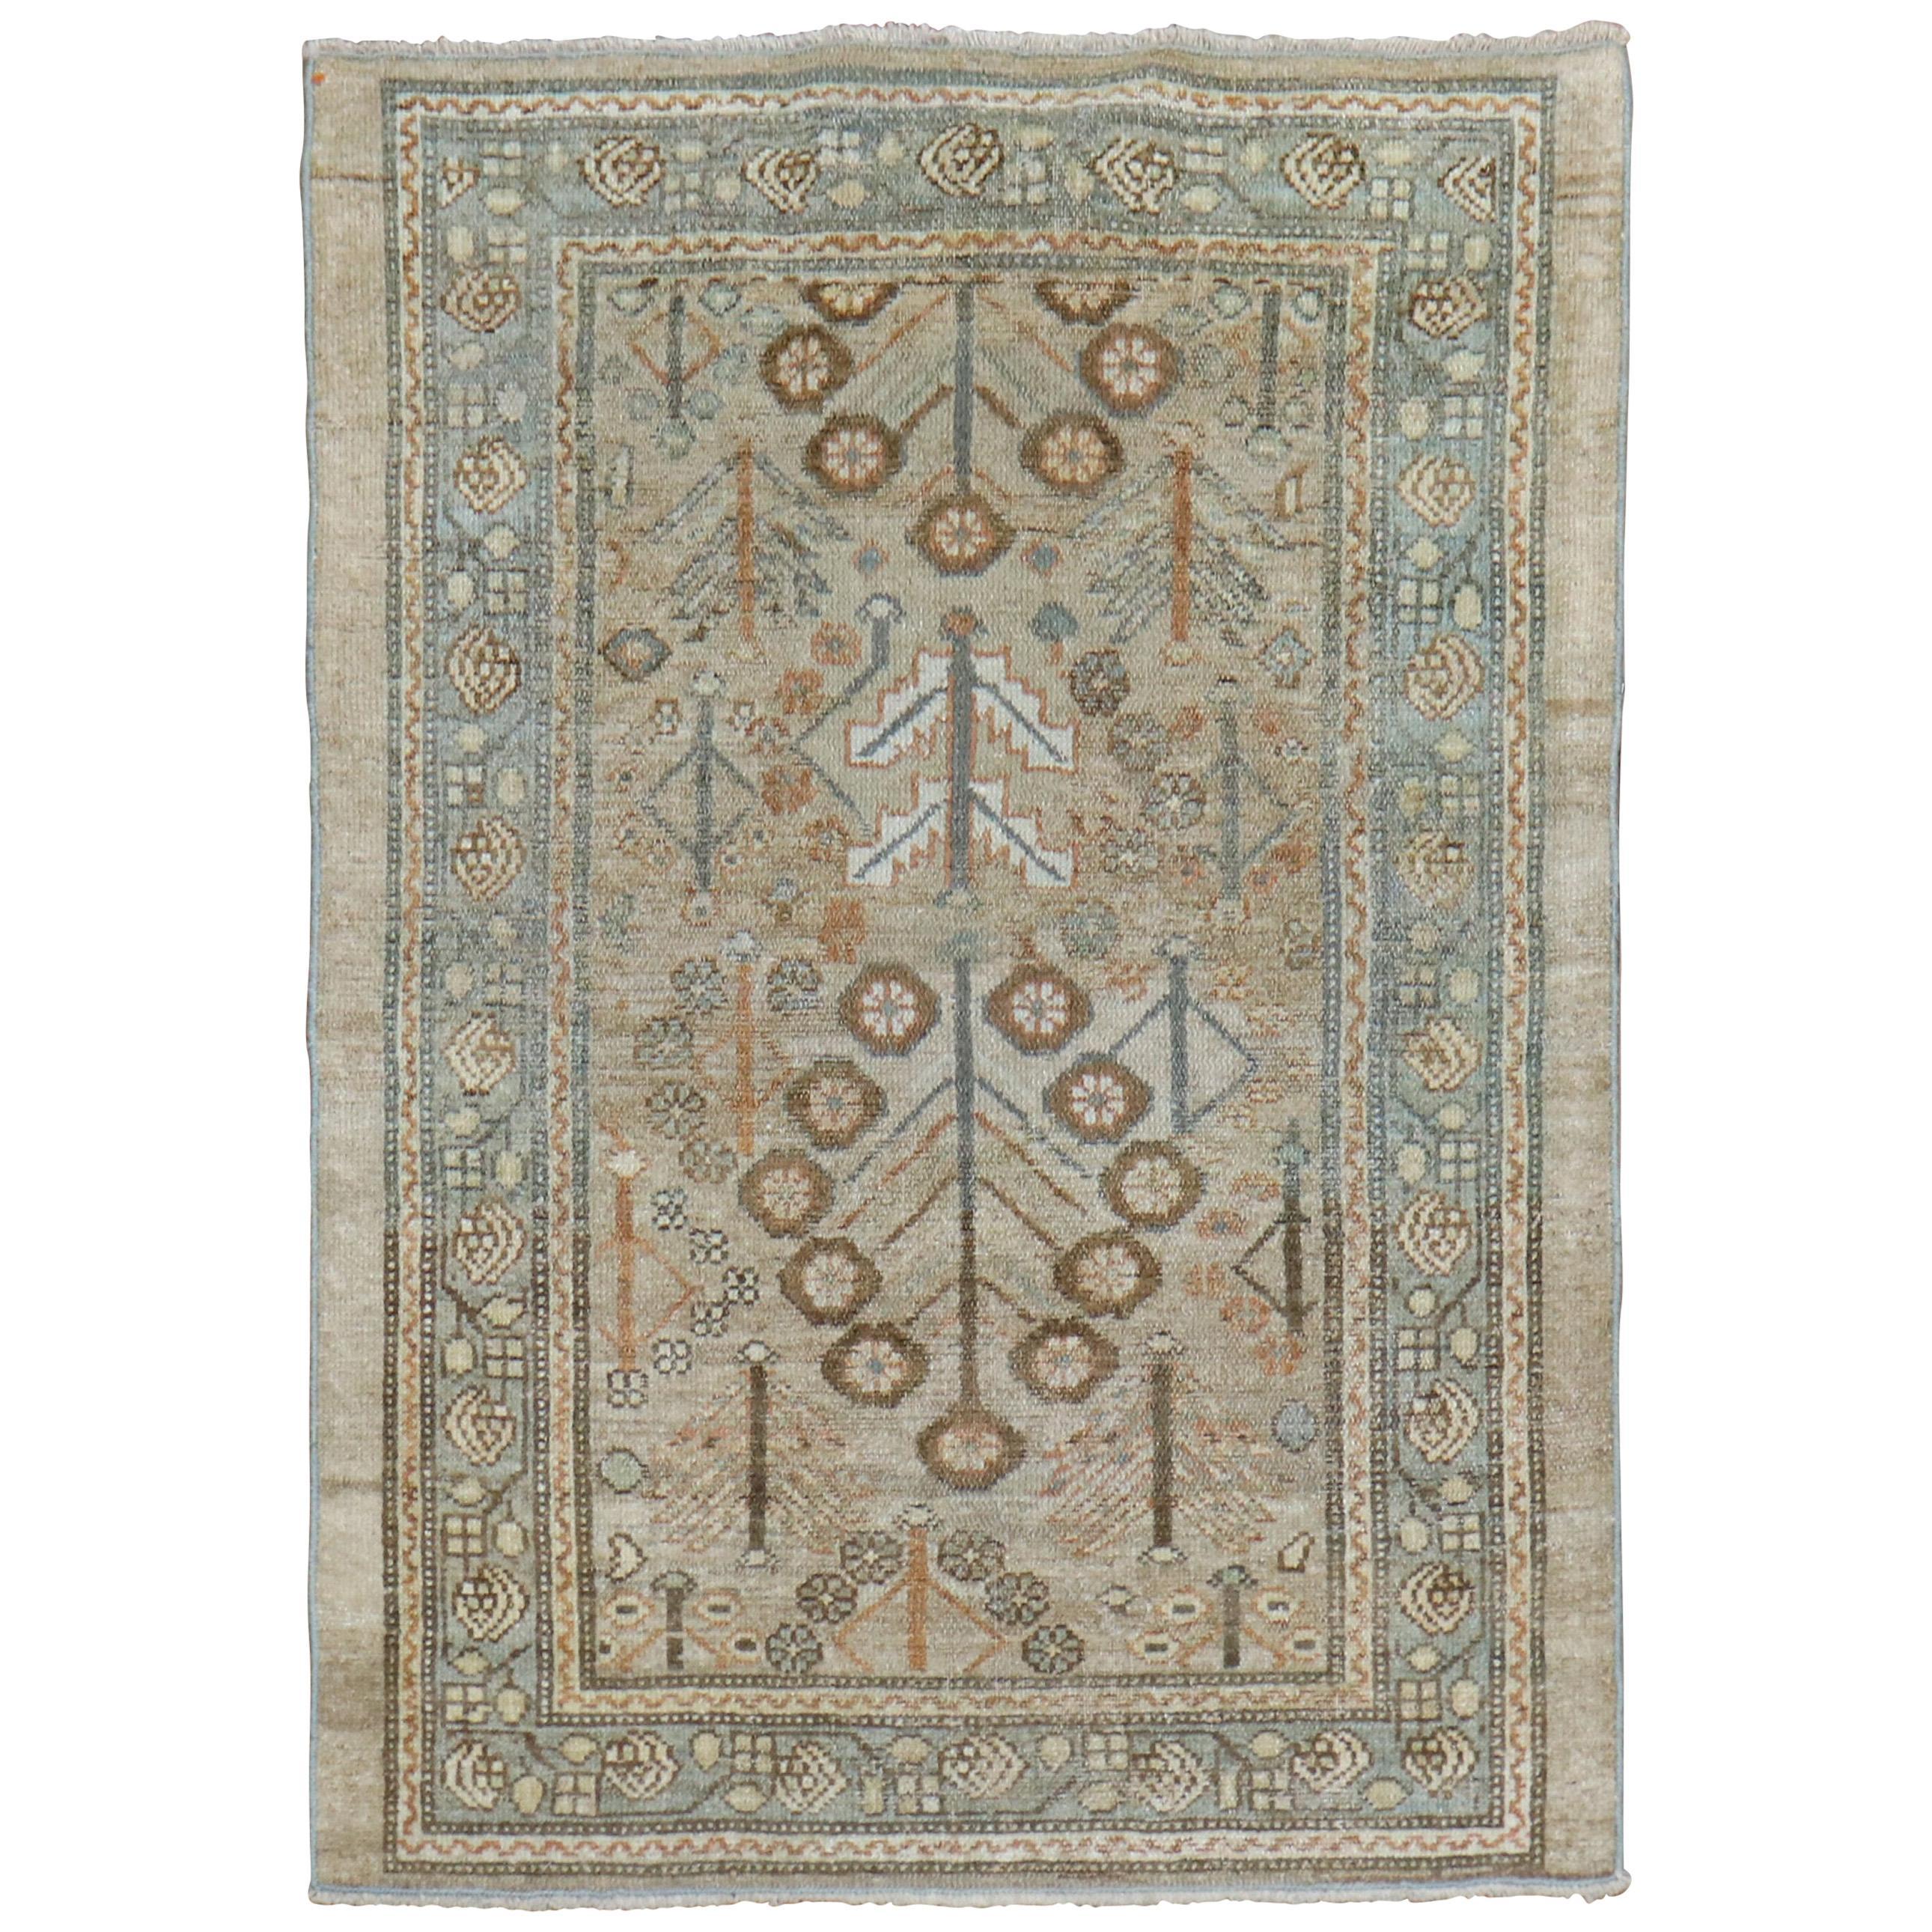 Camel Tribal Antique Persian Serab Decorative Rug Mat